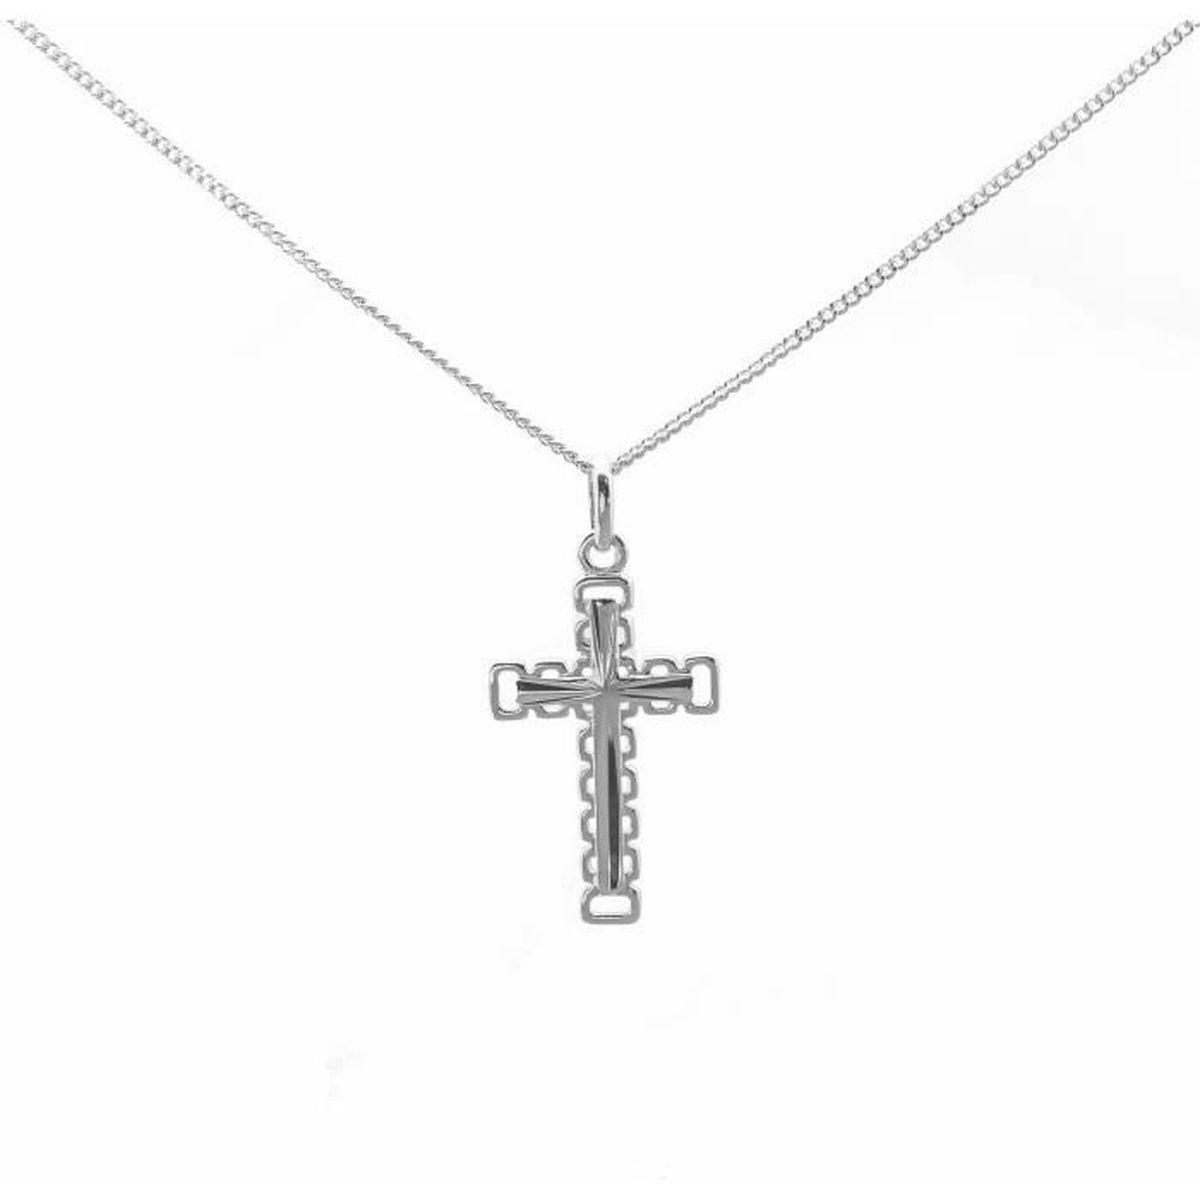 SAUTOIR ET COLLIER Croix en Argent Massif 925 avec gravure personnali